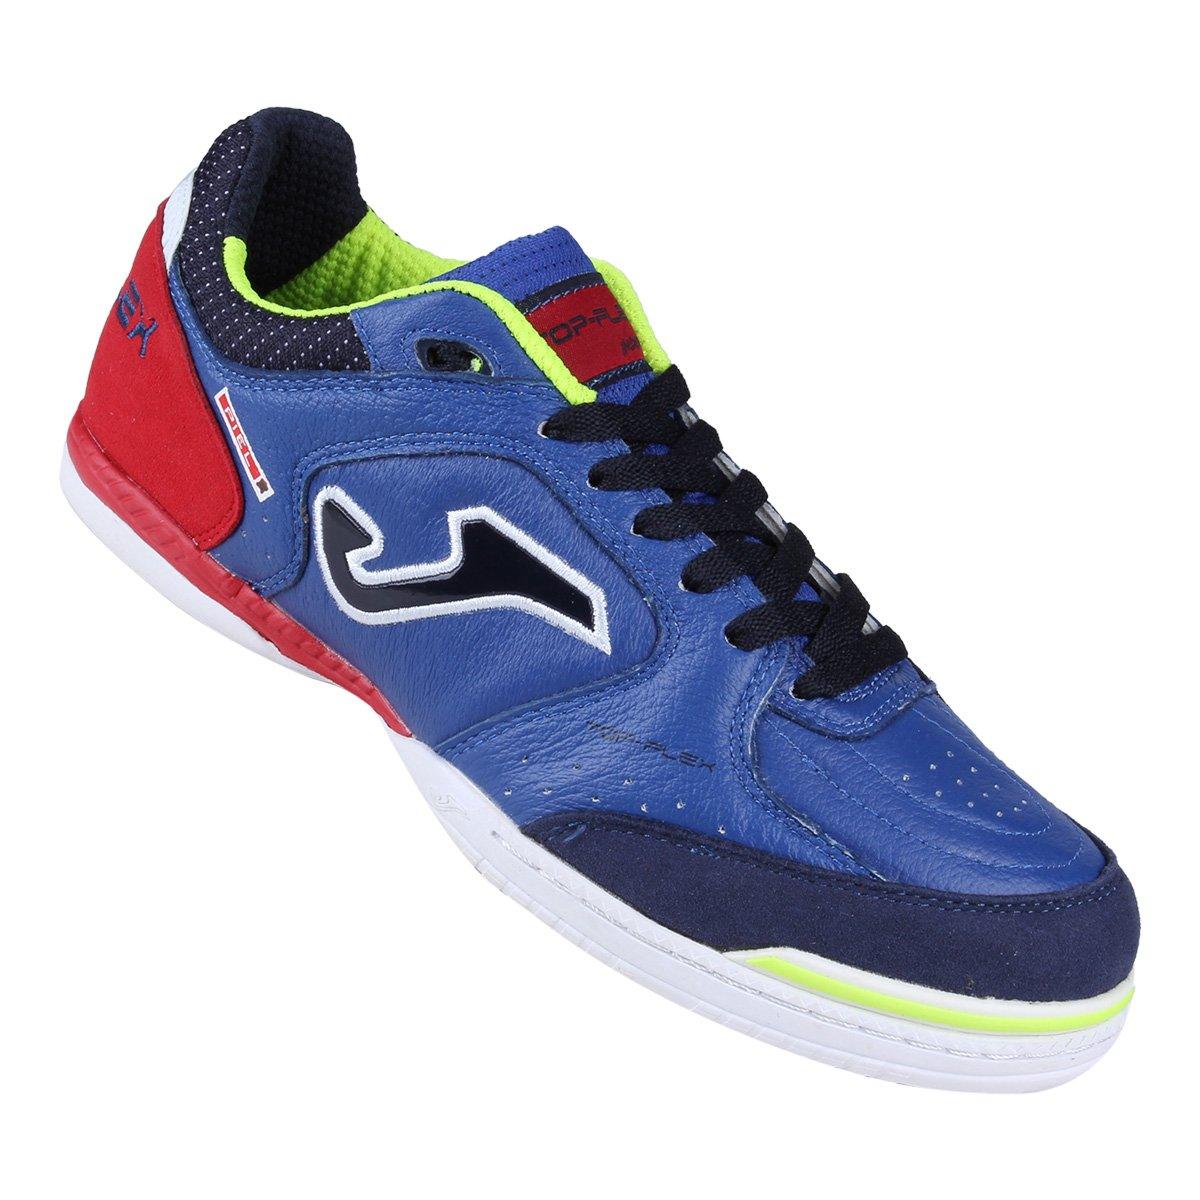 Chuteira Futsal Joma Top Flex Masculino - Azul e Vermelho - Compre ... e663f9af0c32b